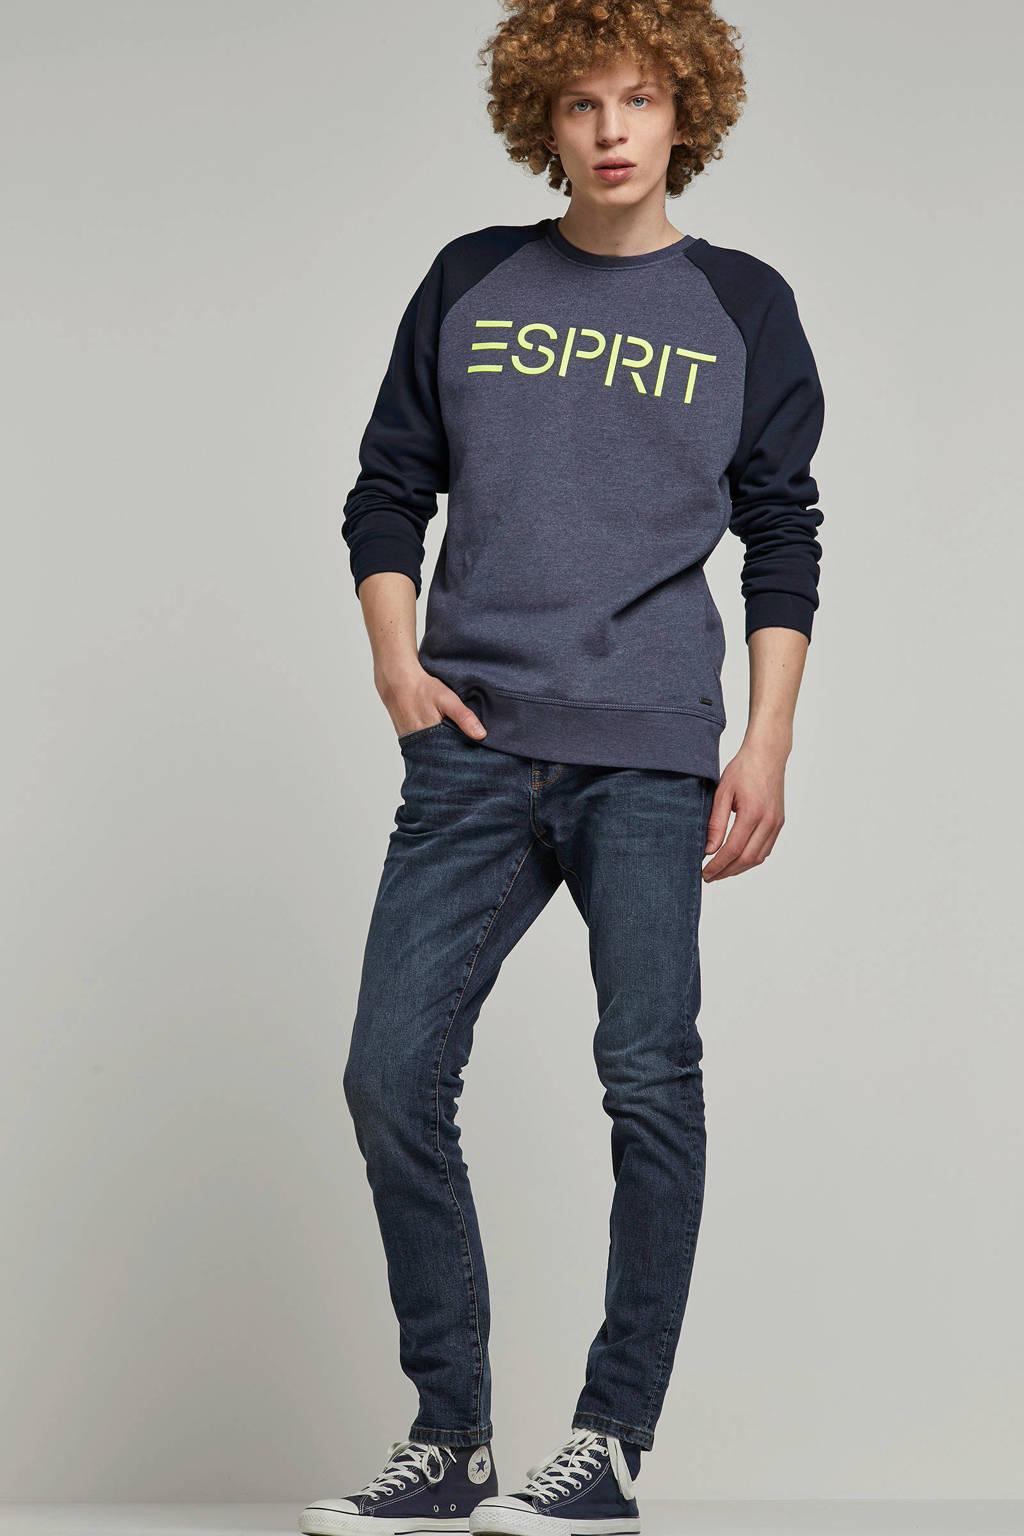 ESPRIT Men Casual sweater, Blauw